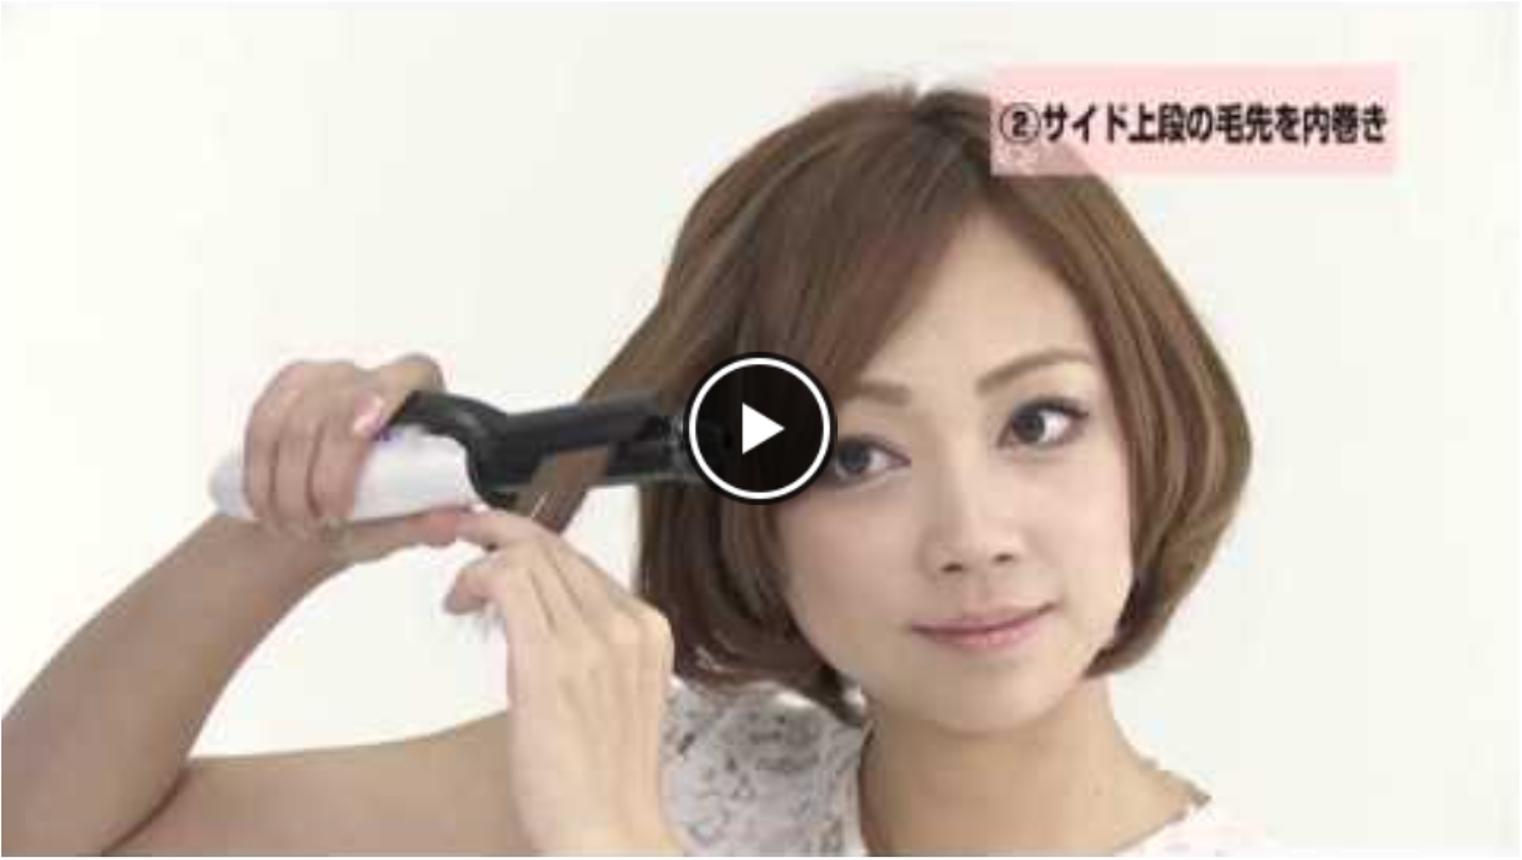 ショートボブ コテ 巻き方 簡単ヘアアレンジのyou Tube動画をご紹介